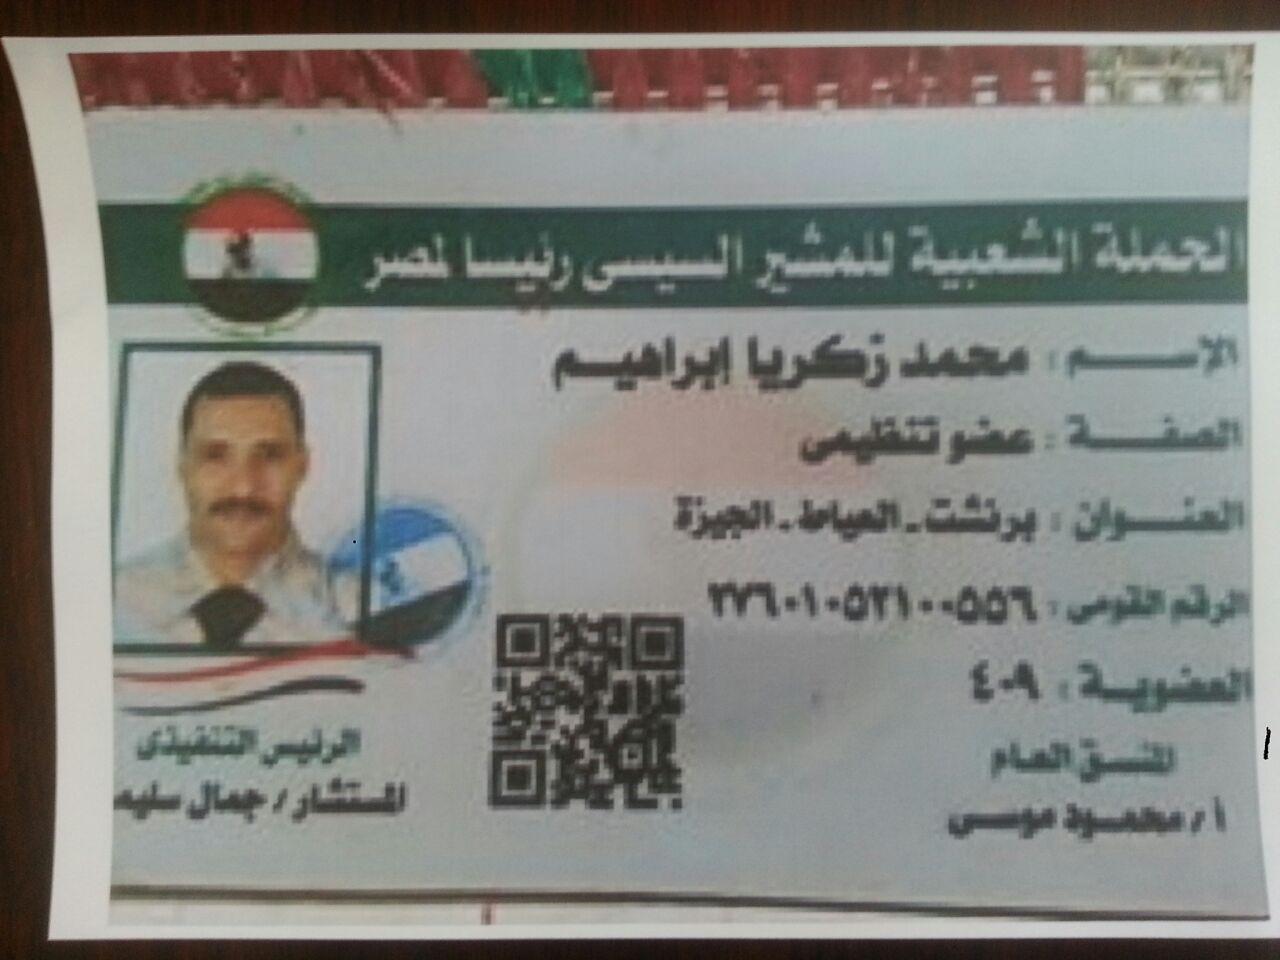 أسرة عضو حملة «السيسي رئيسًا لمصر»: حُكم عليه بالسجن 15 عامًا بتهمة حرق ديوان الجيزة